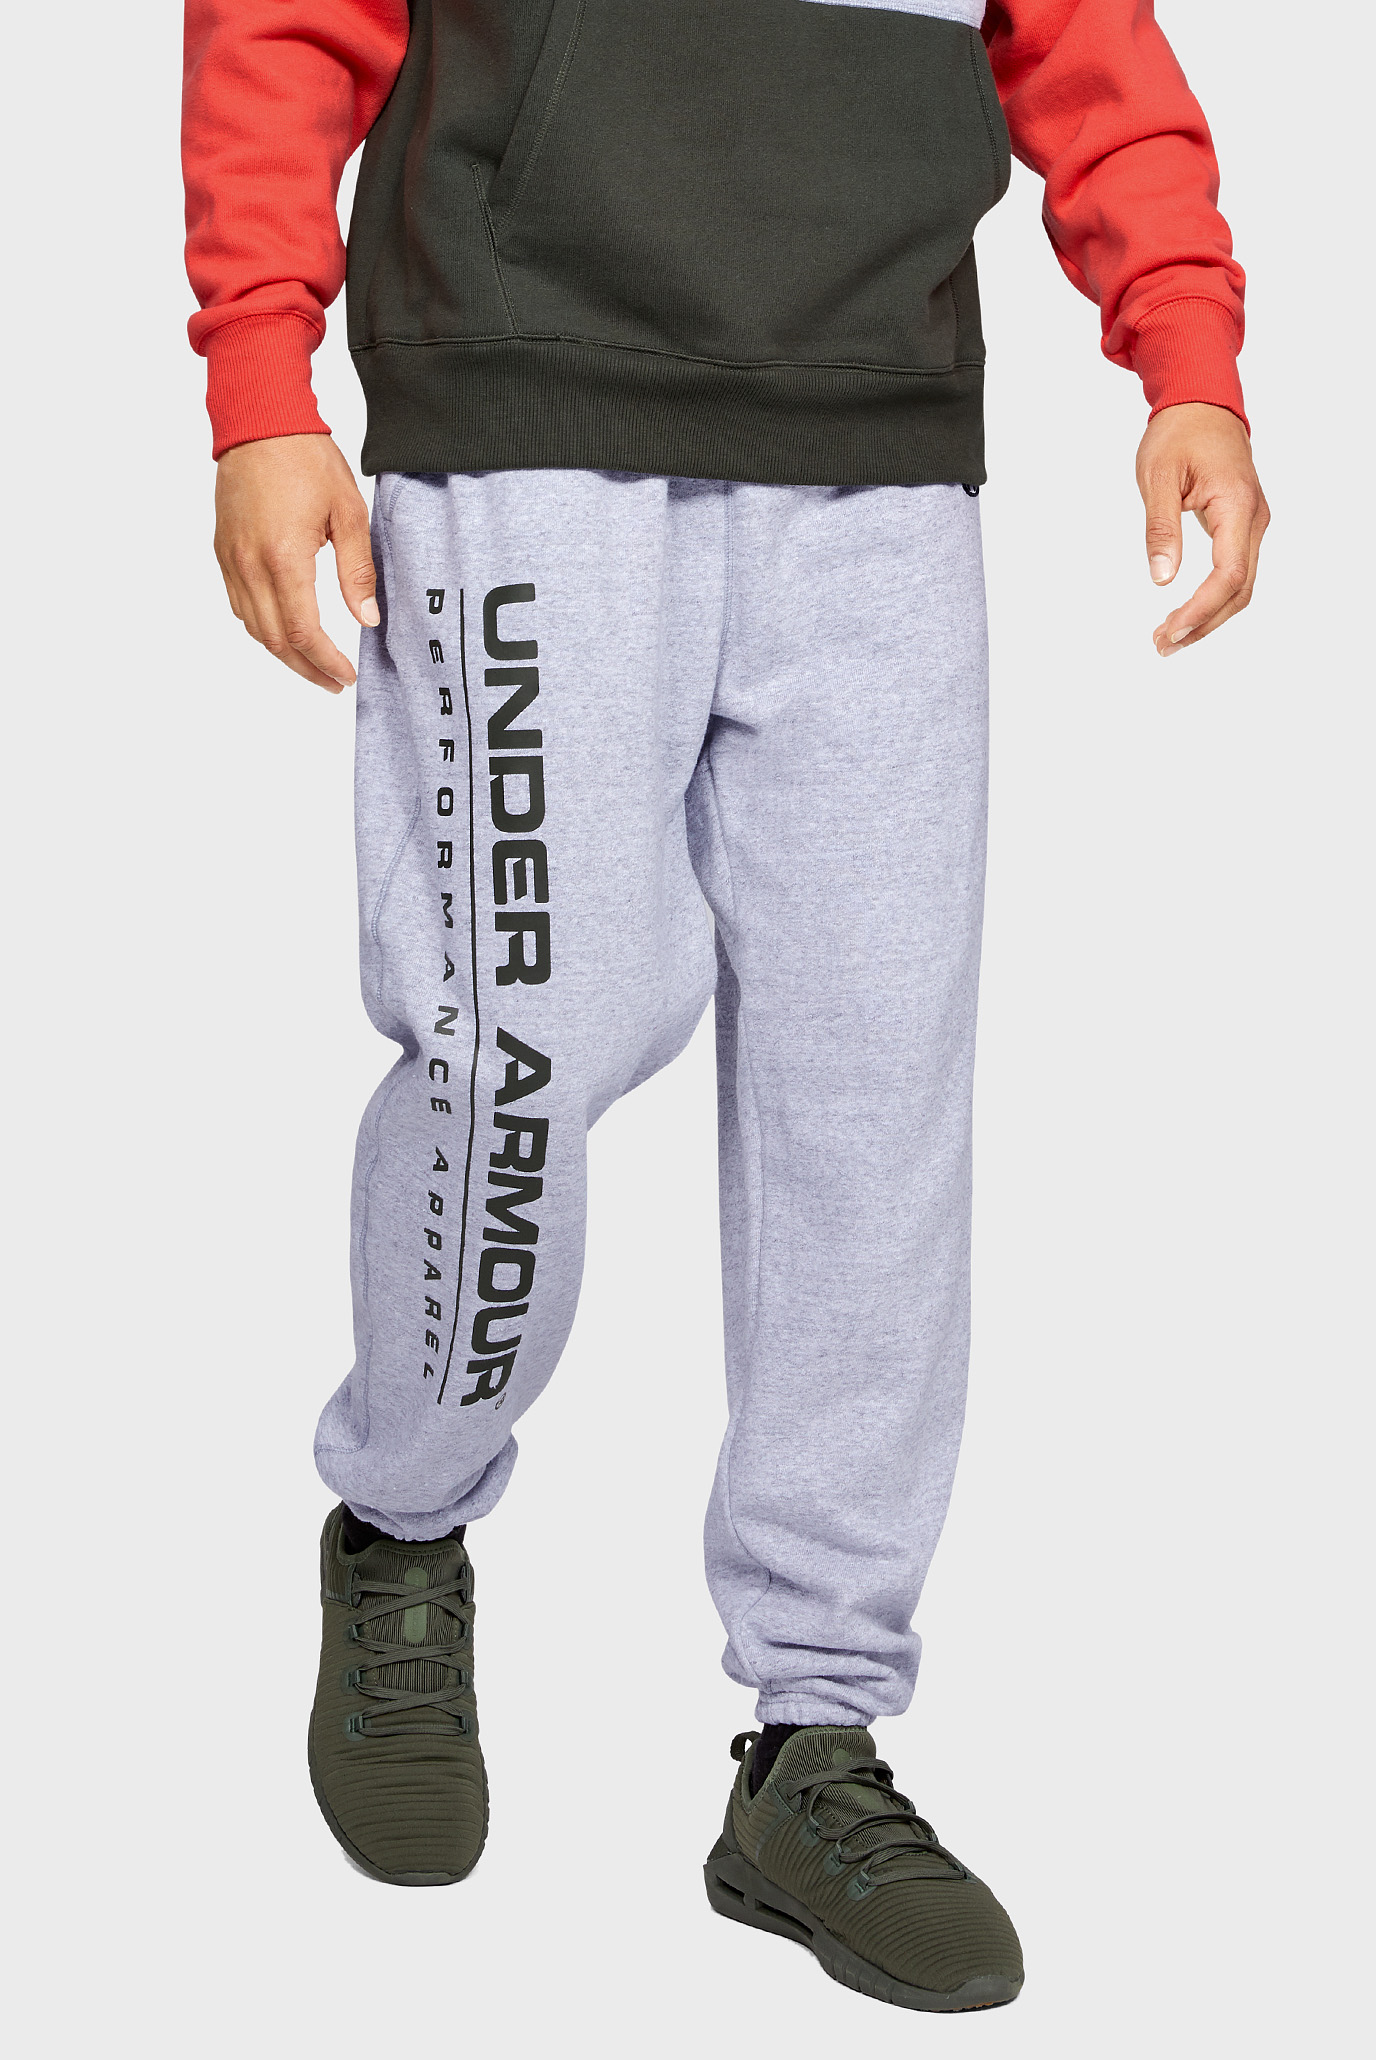 Купить Мужские светло-серые спортивные брюки UA PERFORMANCE ORIGINATORS FLEECE LOGO Under Armour Under Armour 1345599-035 – Киев, Украина. Цены в интернет магазине MD Fashion